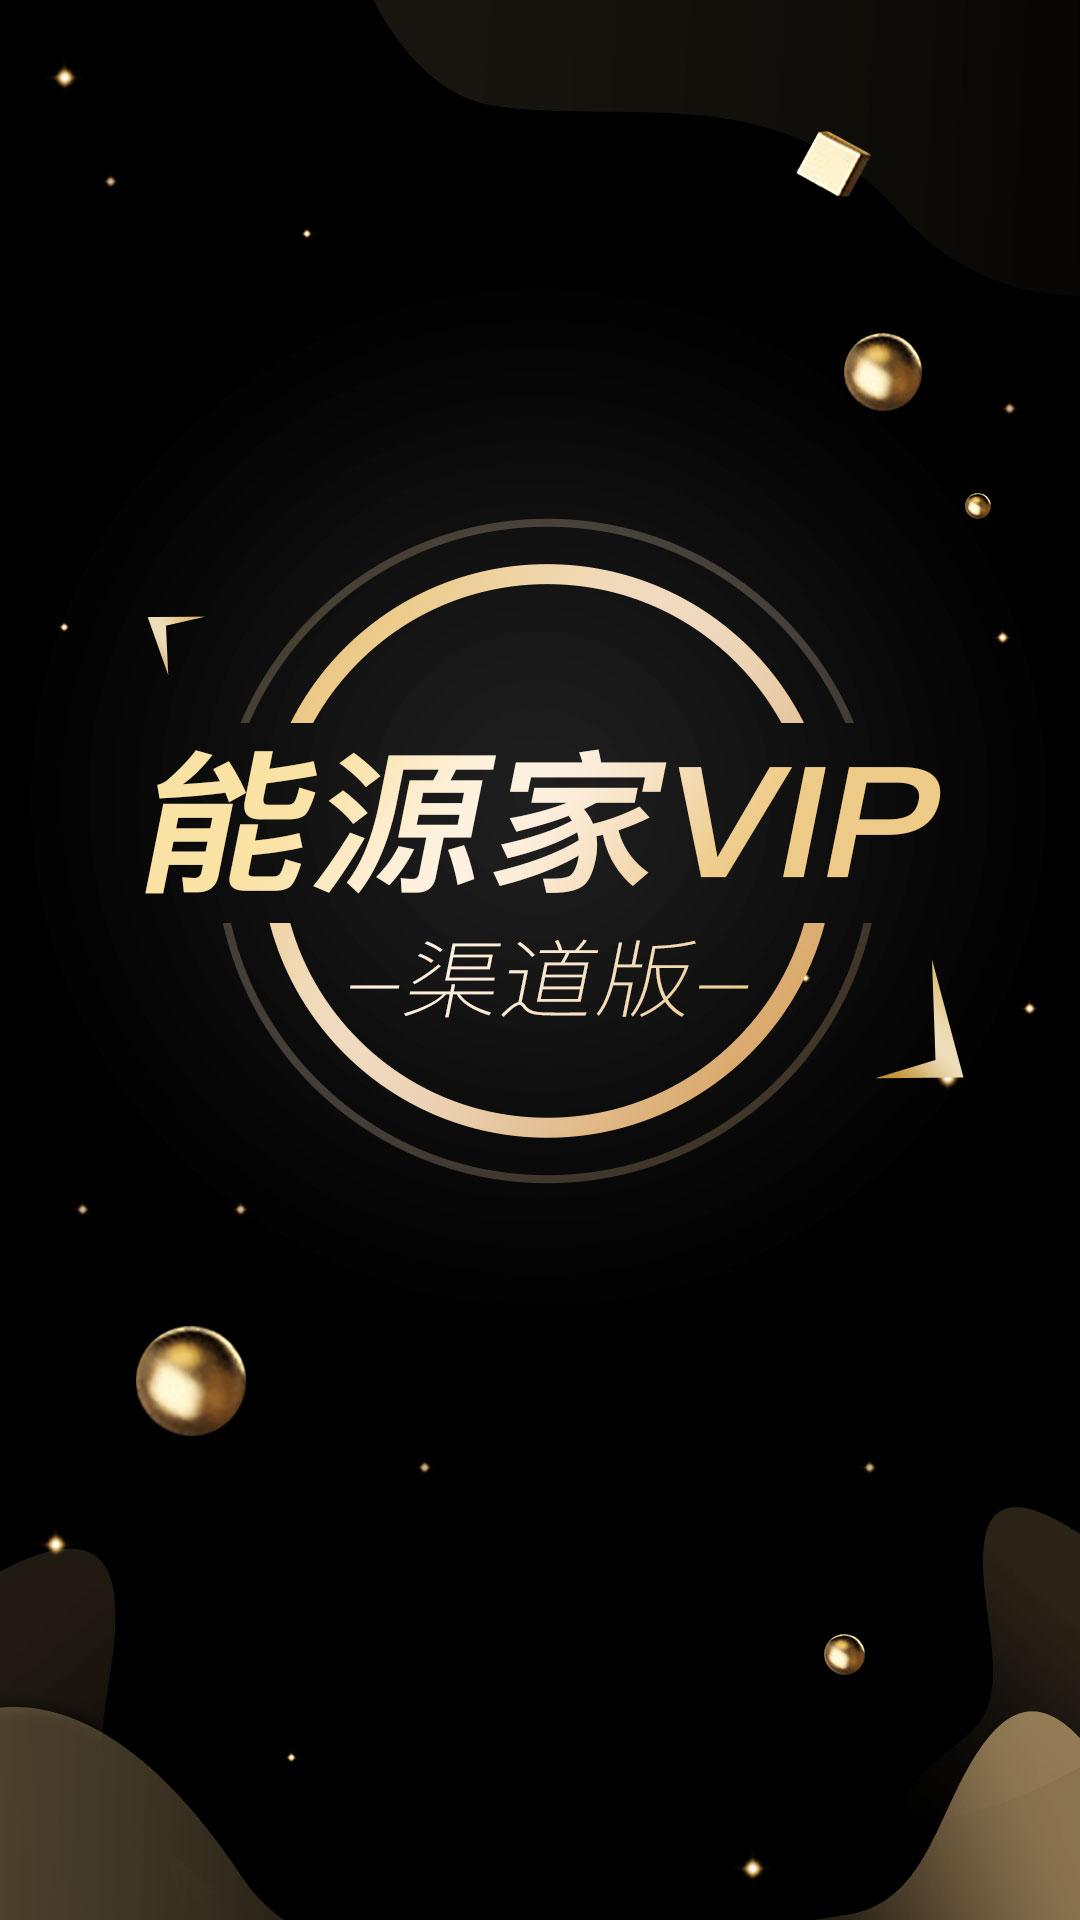 能源家VIP APP截图